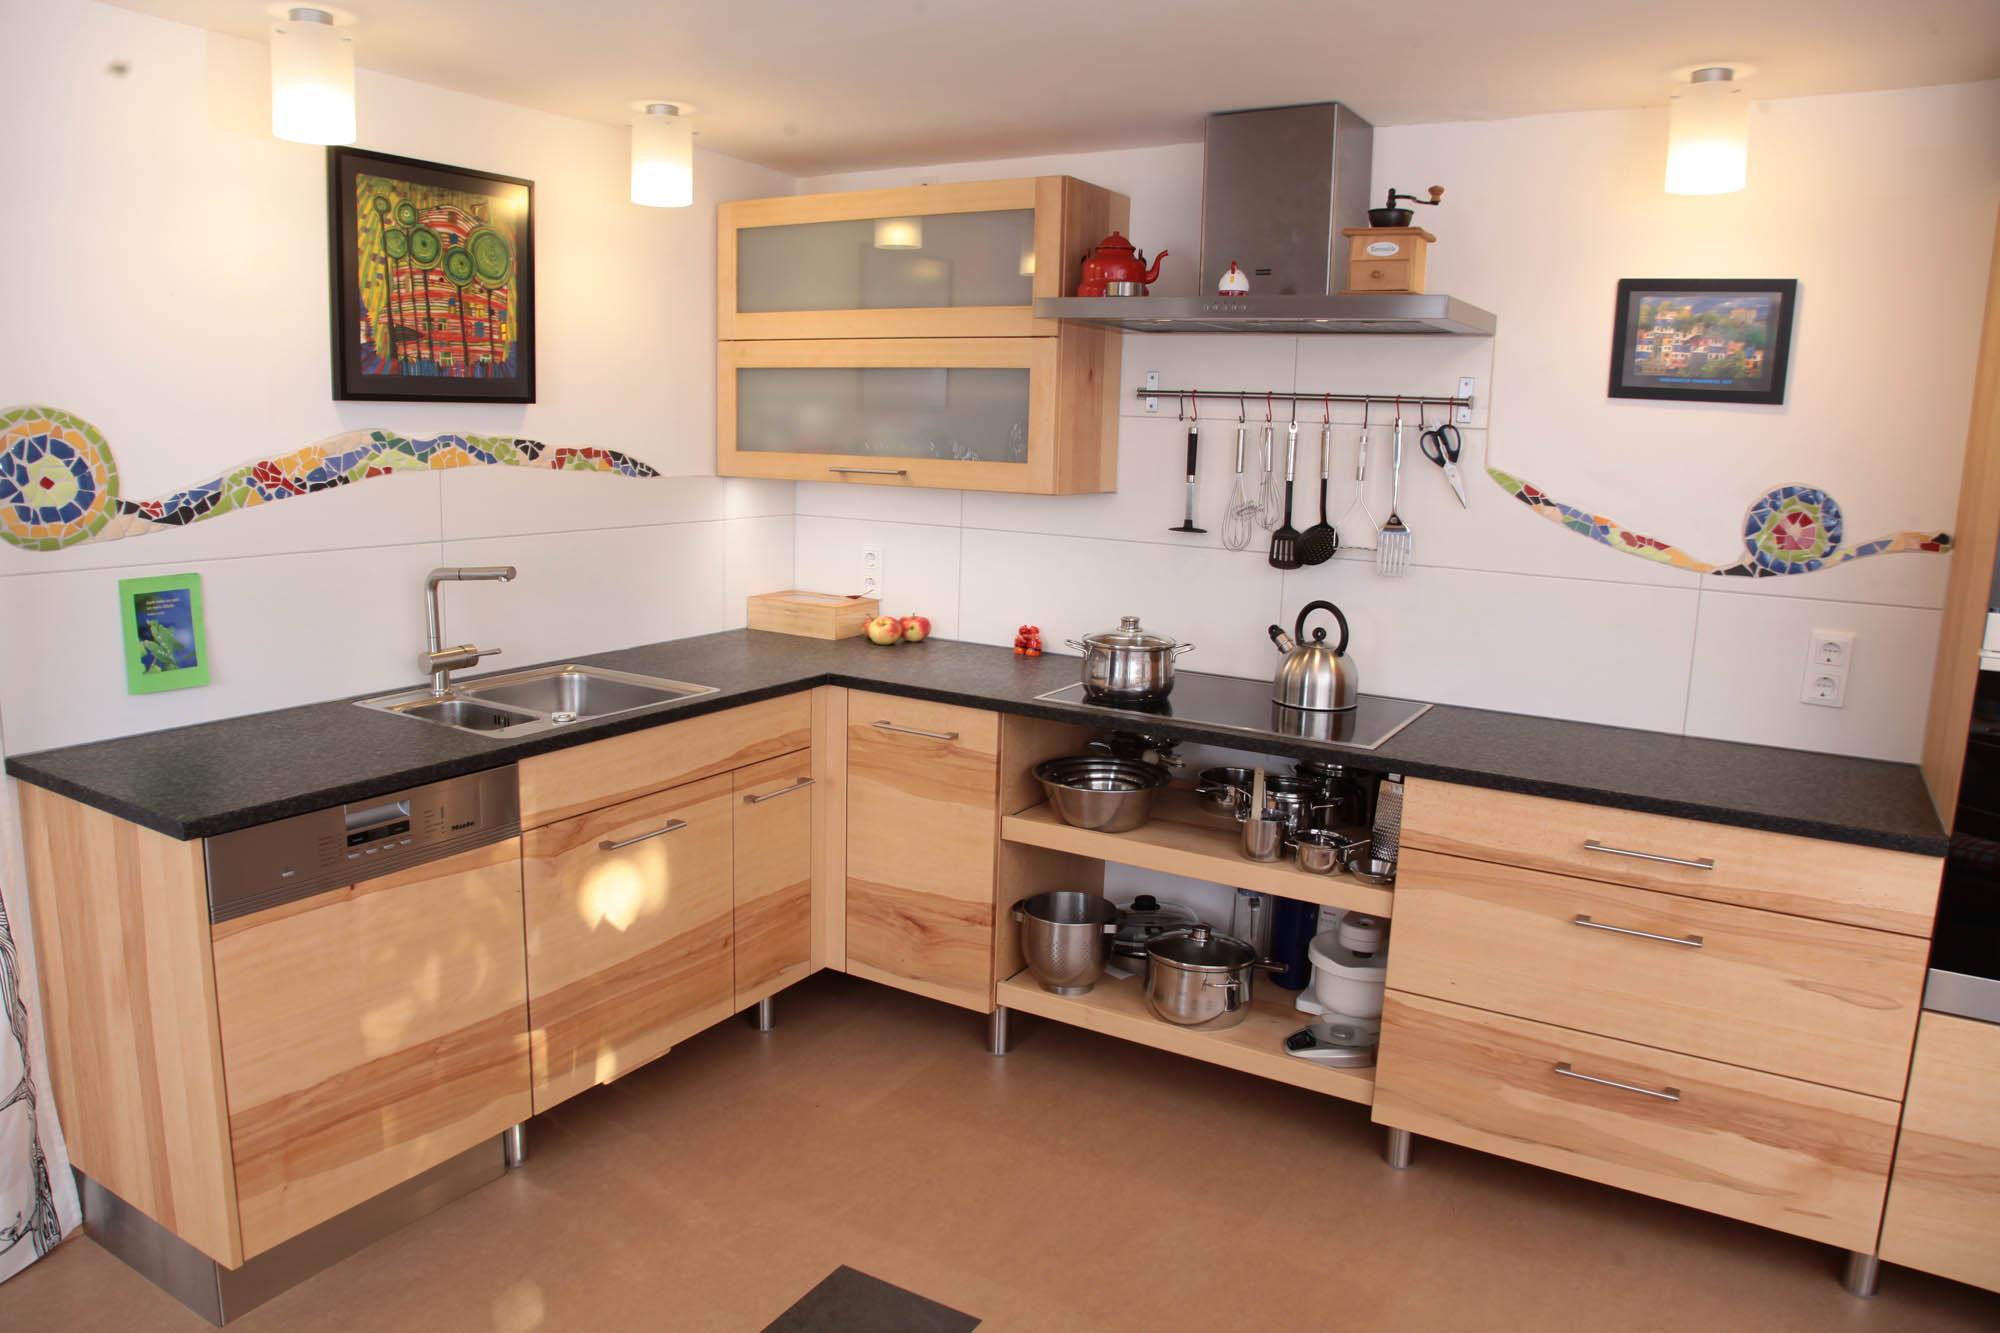 Massivholzküchen der Möbelmacher 2014: Die Möbelmacher